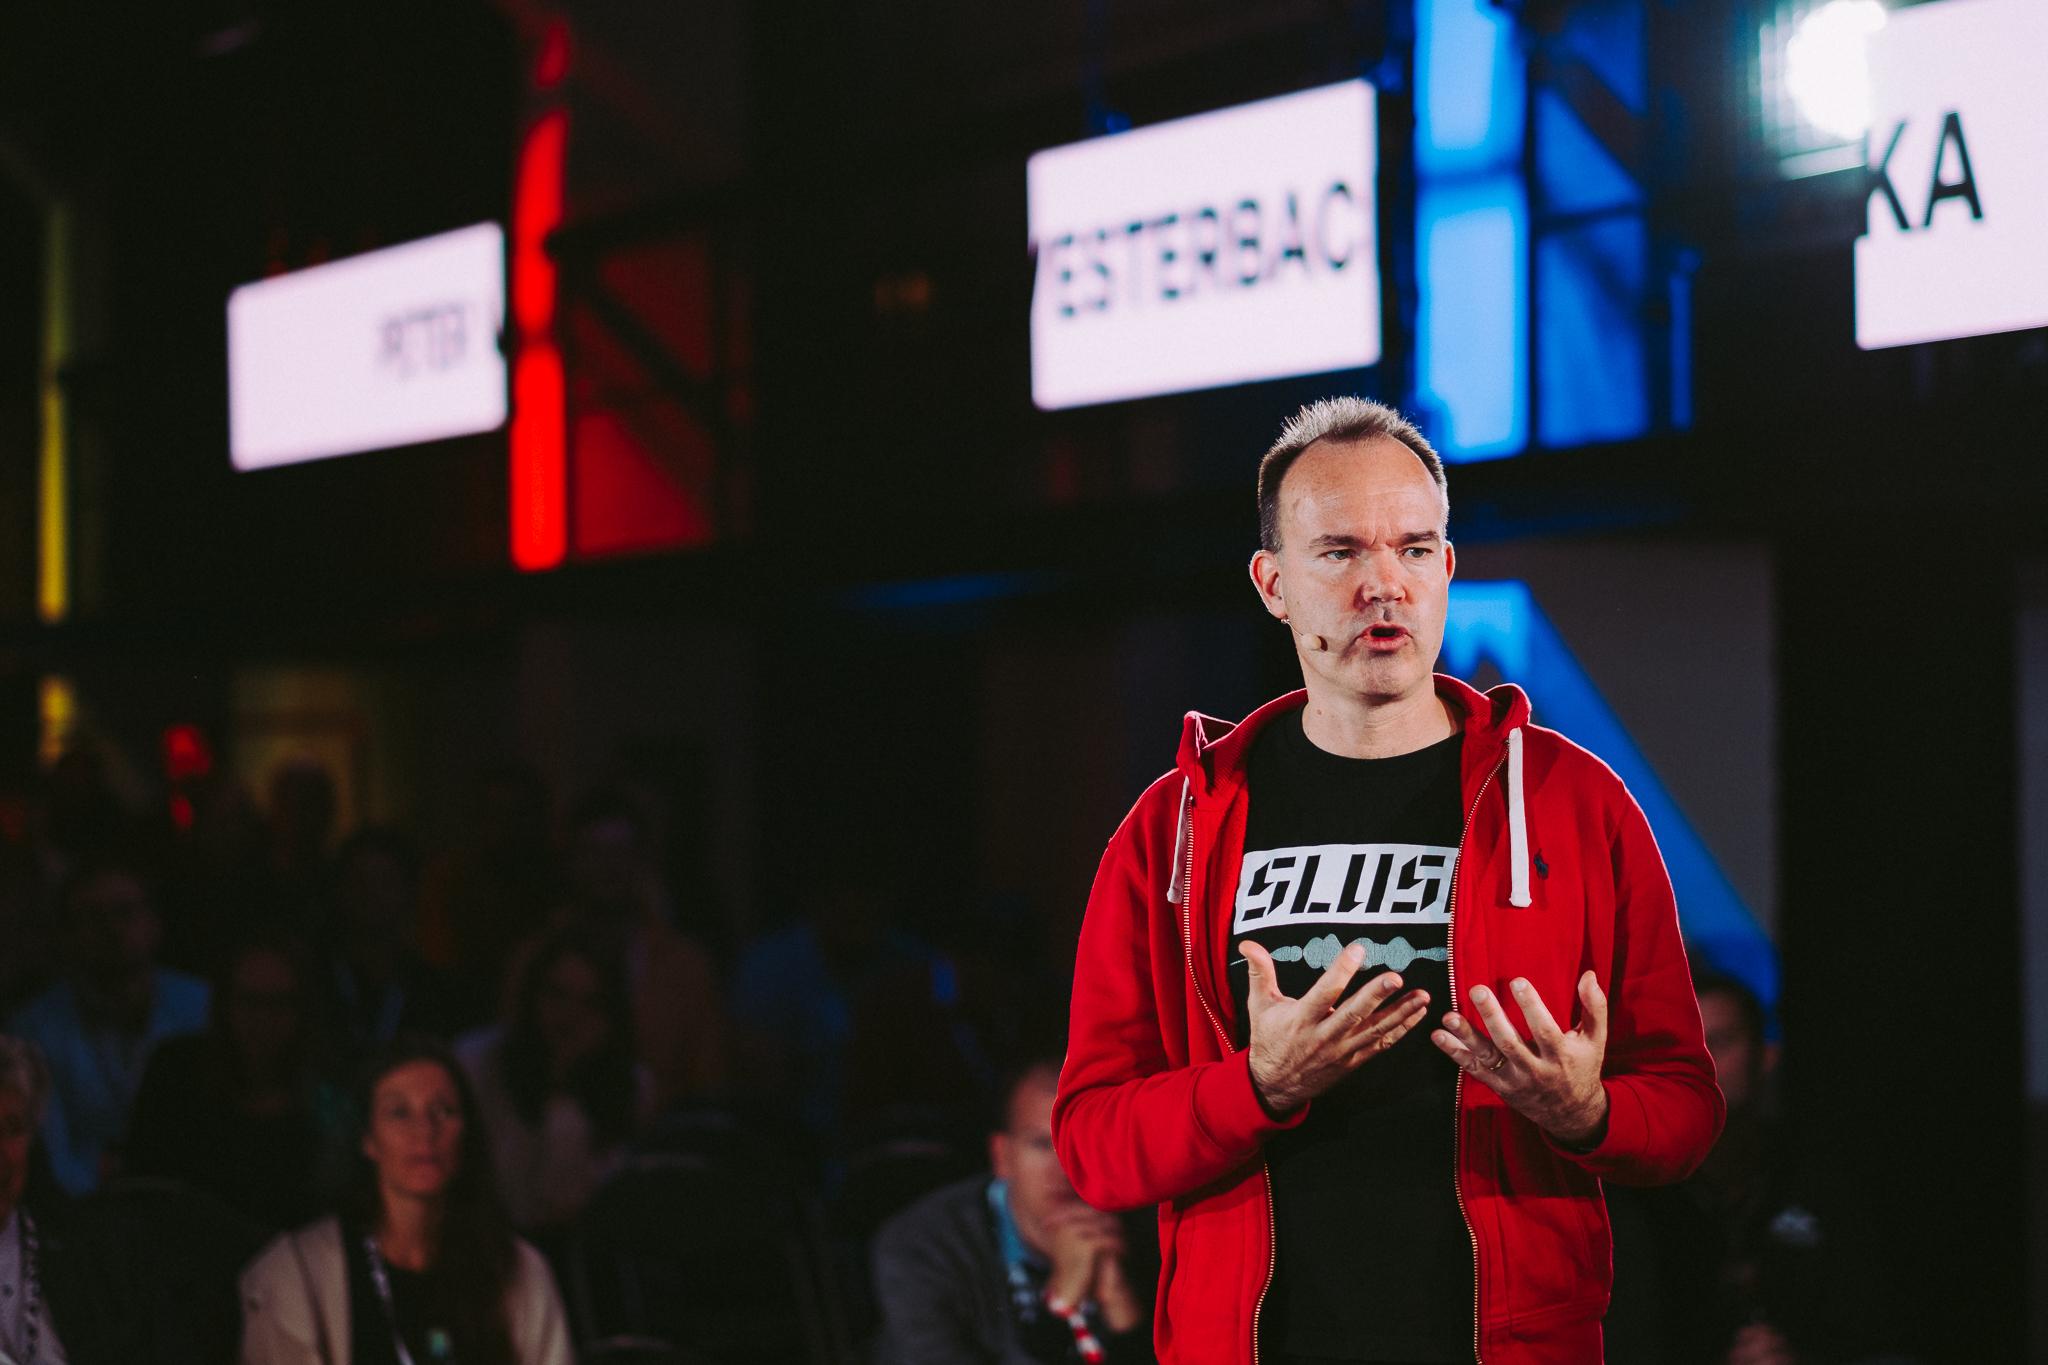 Peter Vestrebacka, zakladateľ Slush a spolutvorcu hry Angry Birds